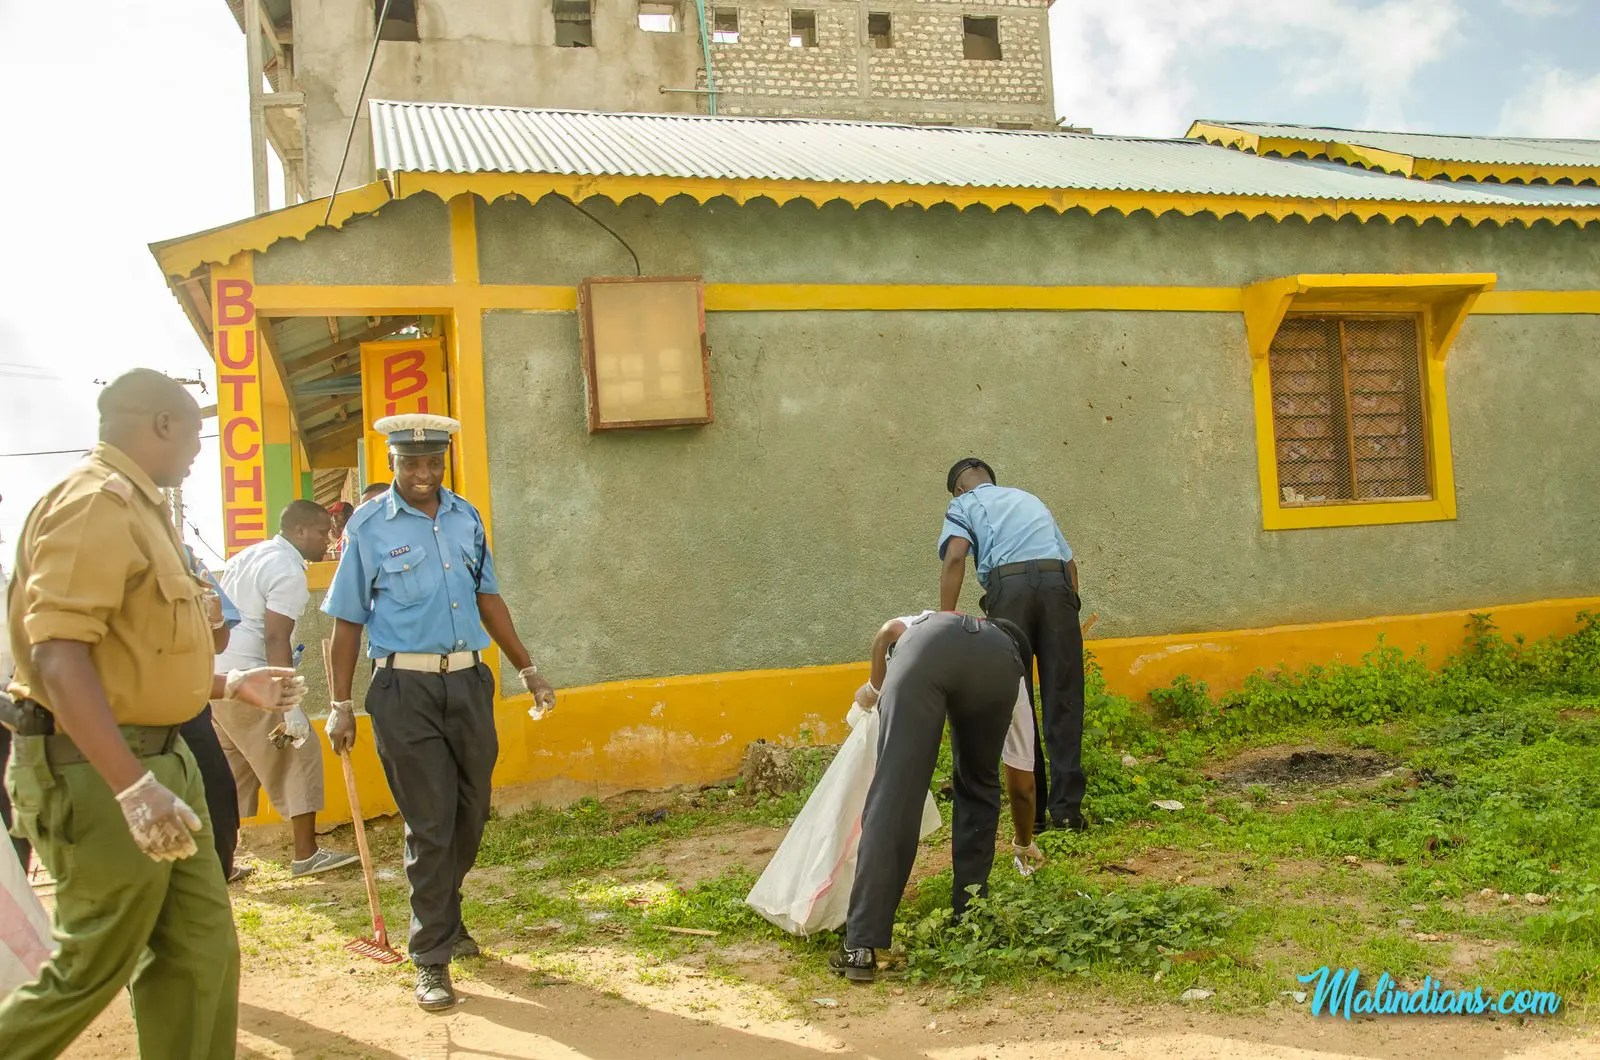 Malindi Town Clean up Kisumu Ndogo 79 - Malindi Town Clean-up in Kisumu Ndogo ( Pictorial)